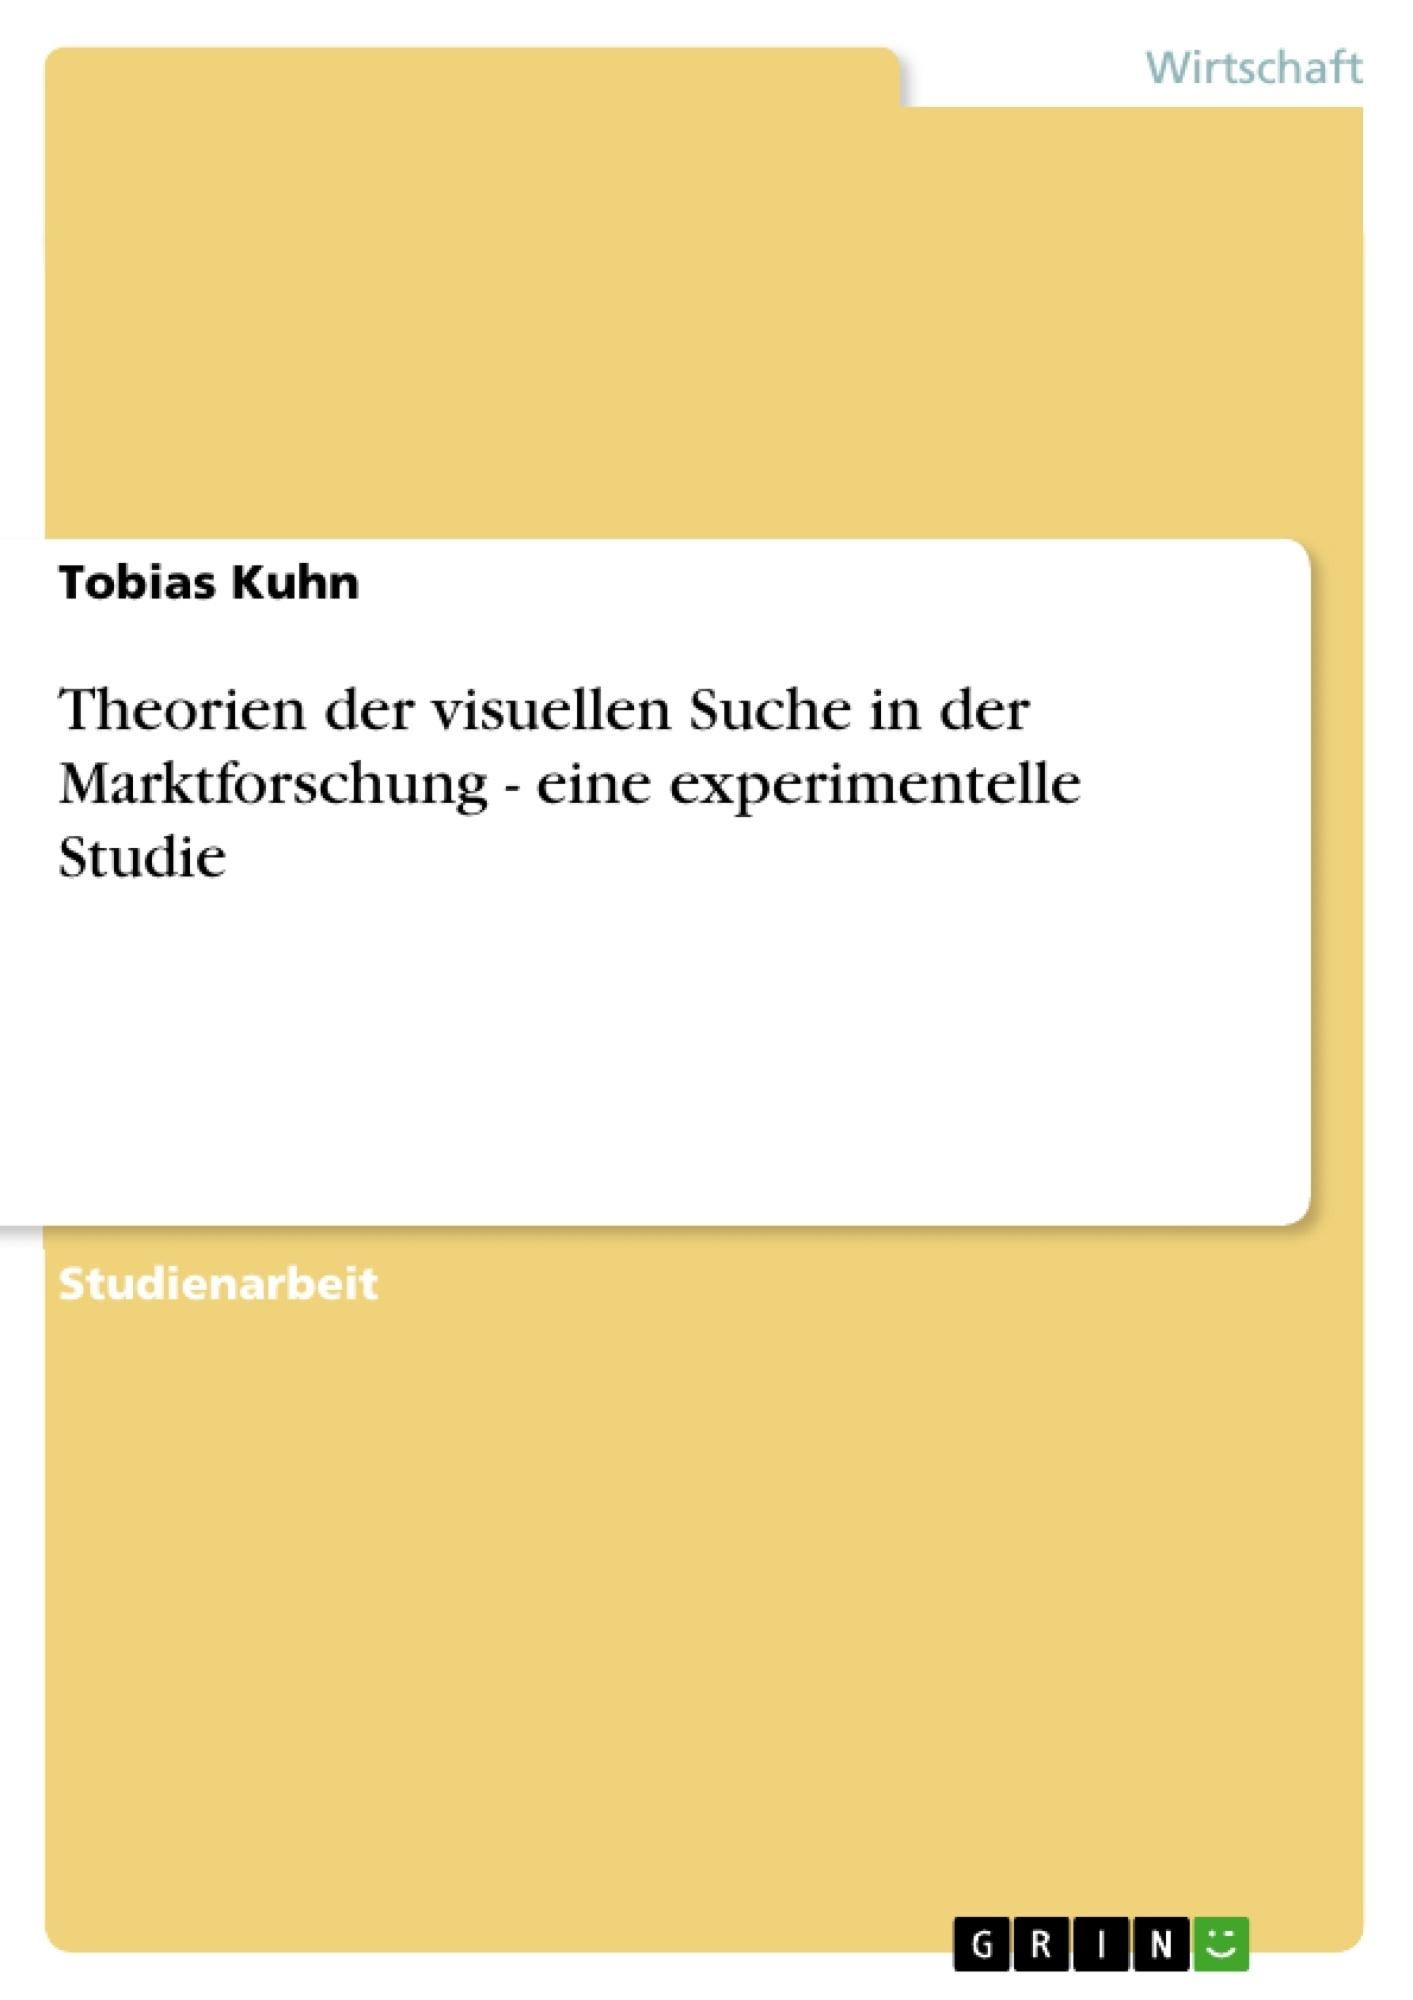 Titel: Theorien der visuellen Suche in der Marktforschung - eine experimentelle Studie